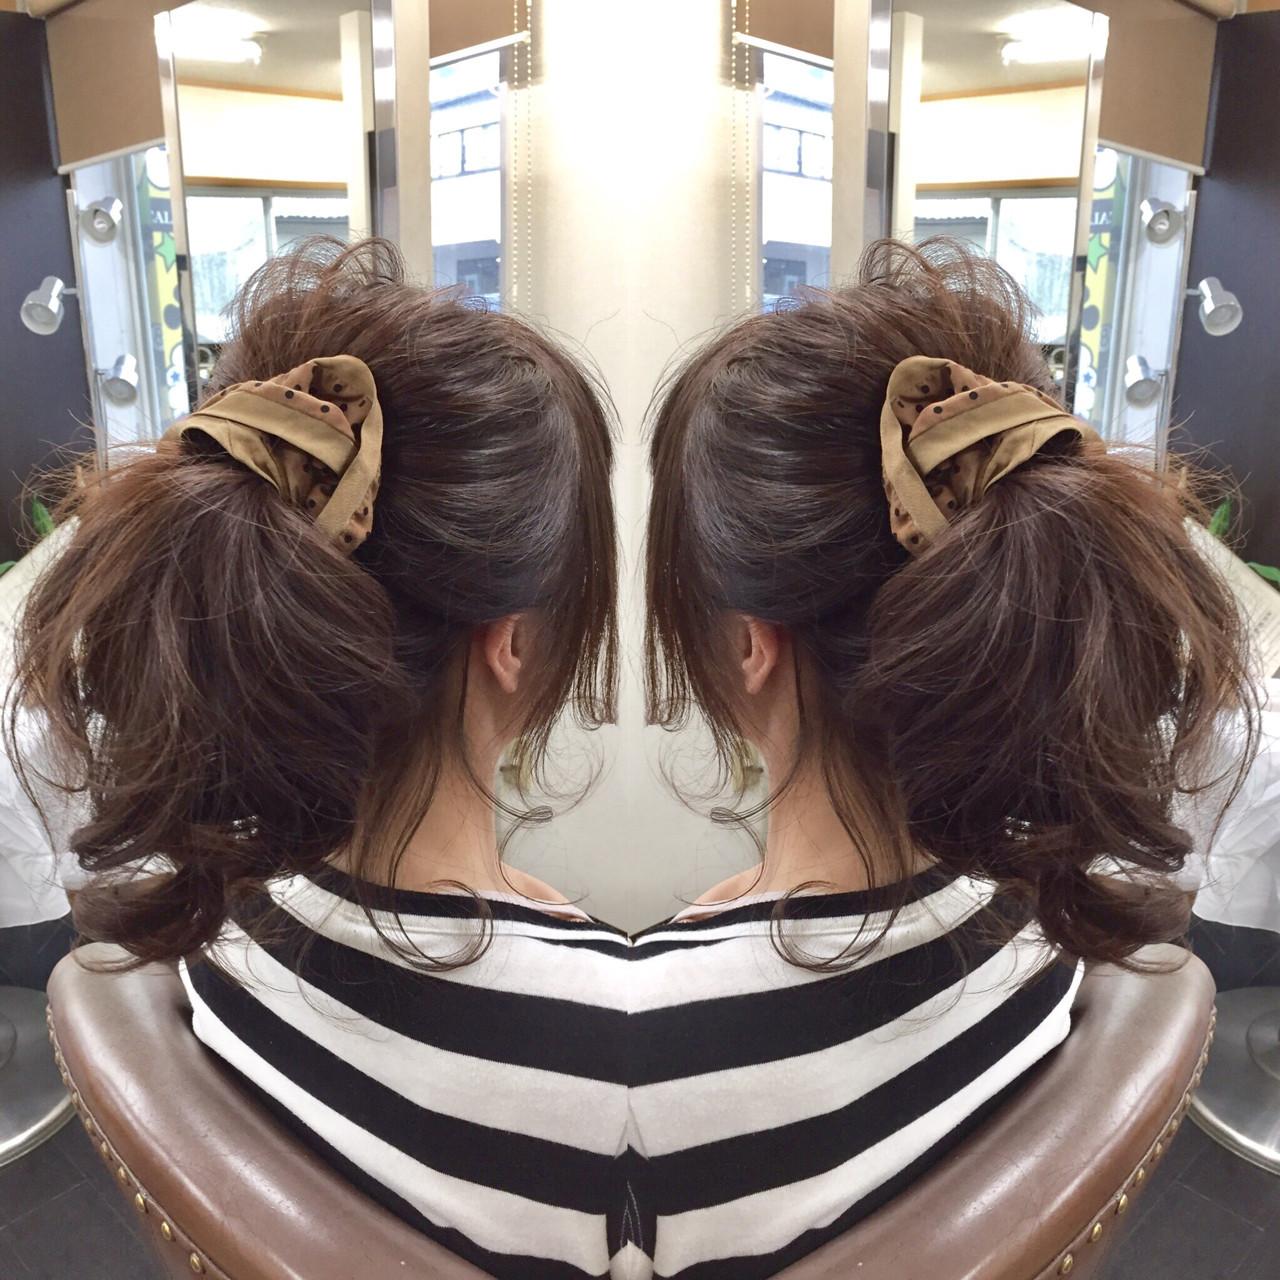 ヘアアレンジ セミロング かわいい 簡単ヘアアレンジ ヘアスタイルや髪型の写真・画像